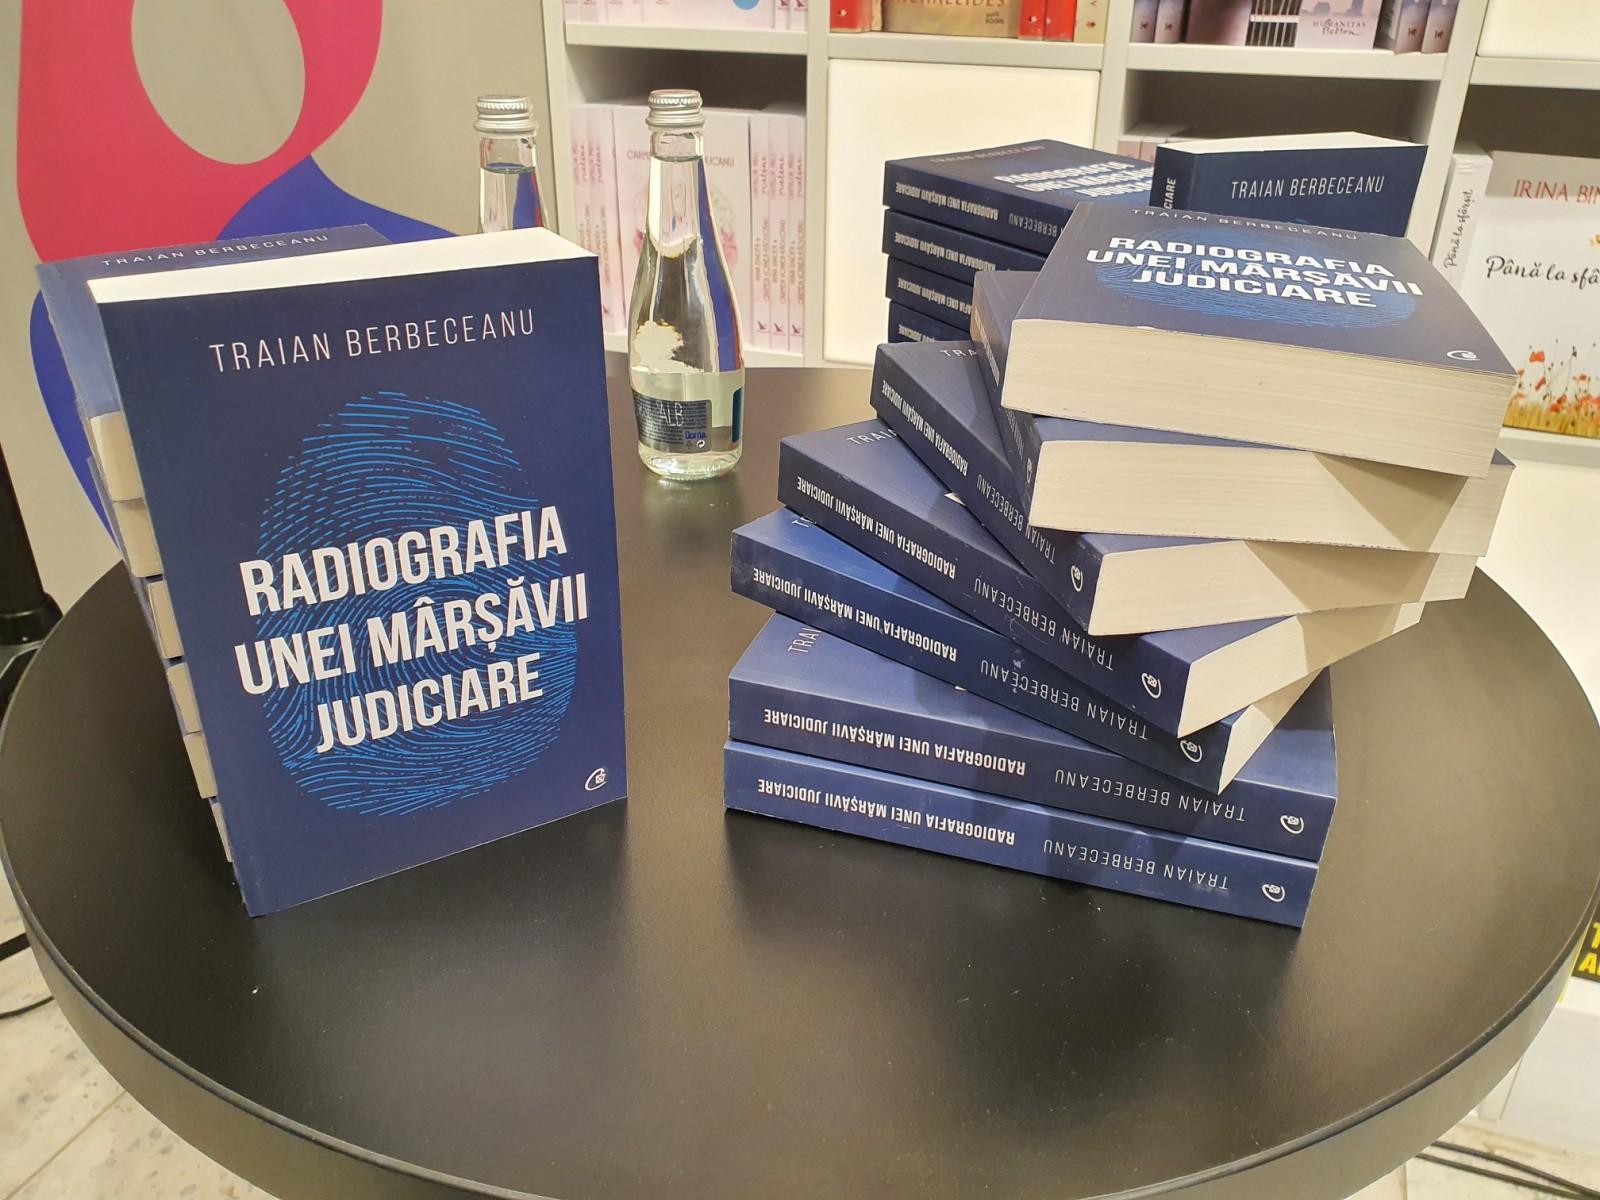 """Traian Berbeceanu duce """"Radiografia unei mârșăvii judiciare"""" la Cluj-Napoca pe 14 noiembrie"""